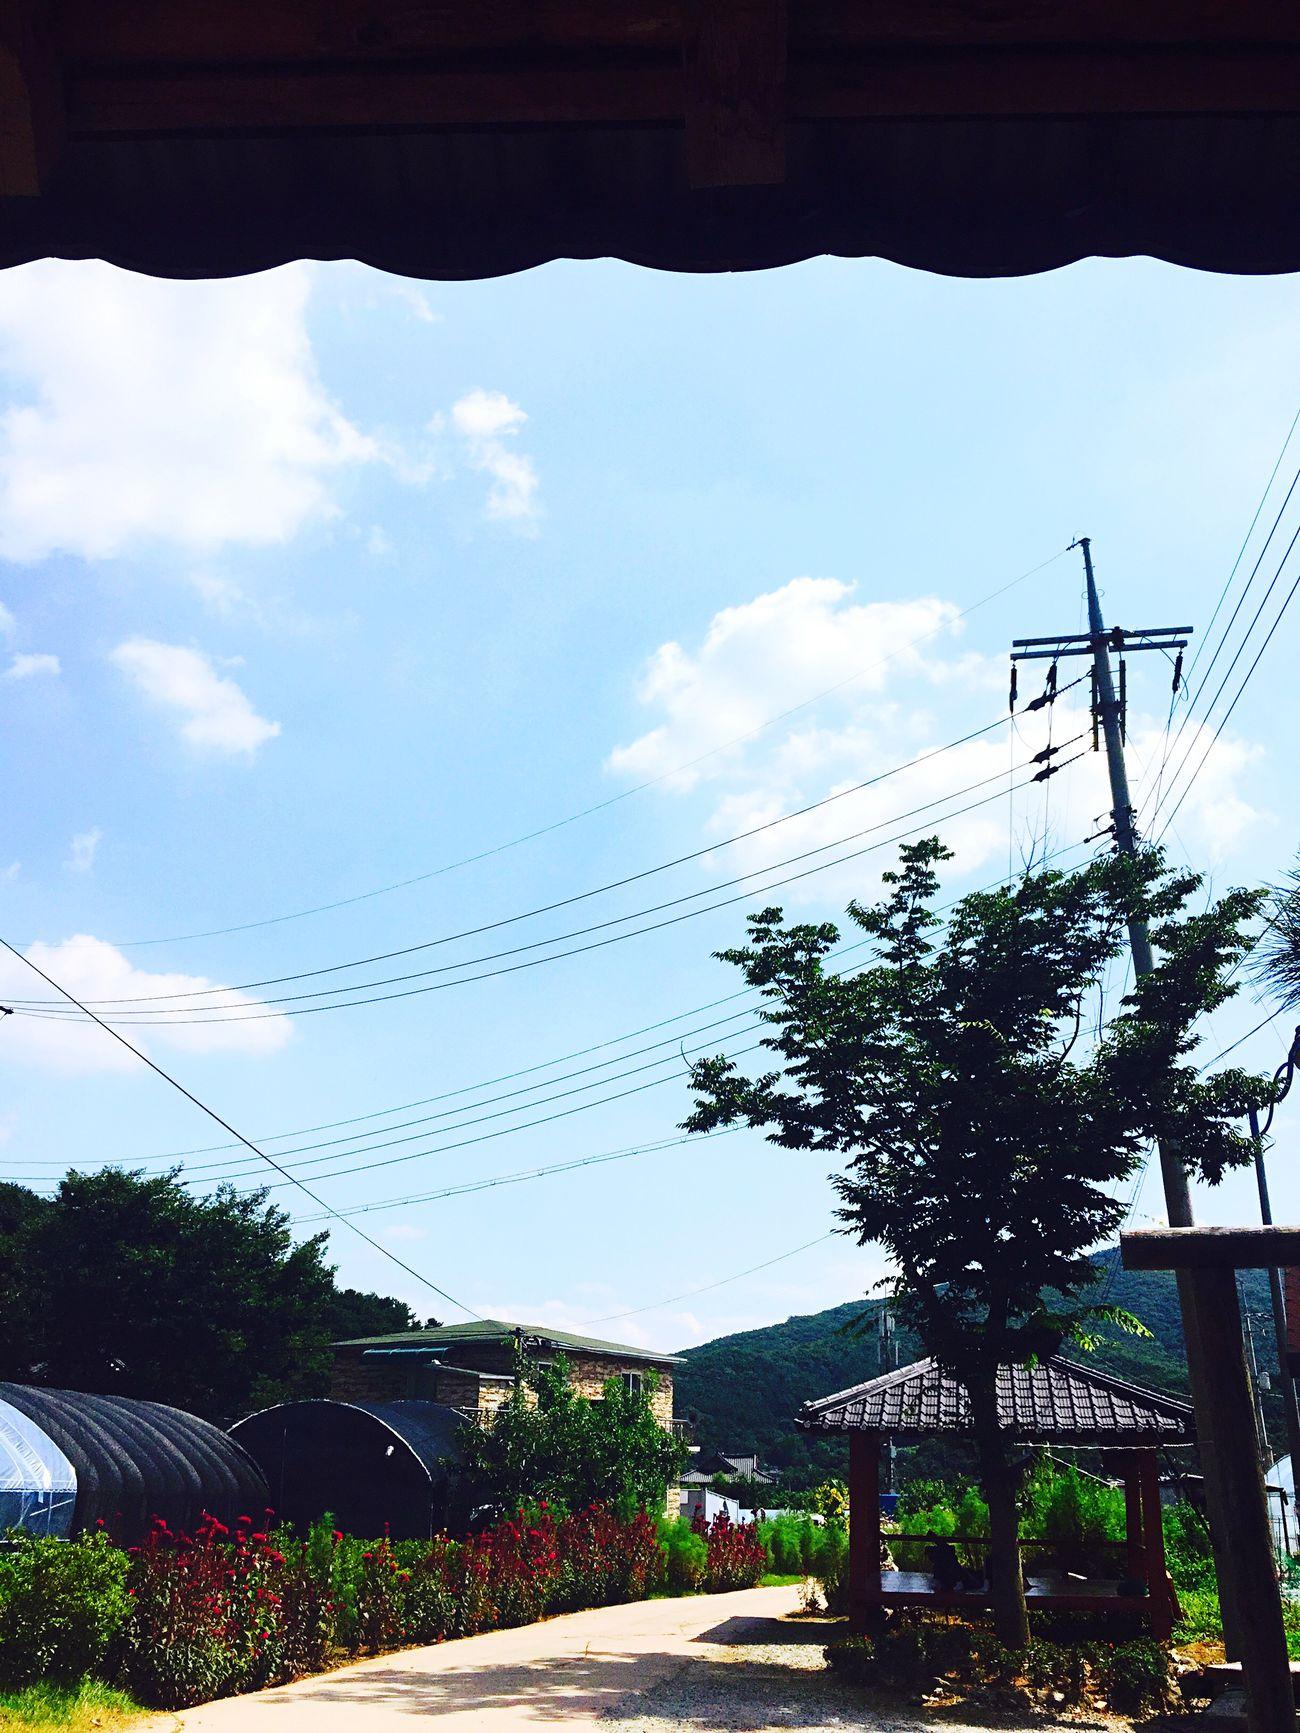 농활 🌱impact농생대•날씨 좋음• Hknu Plant